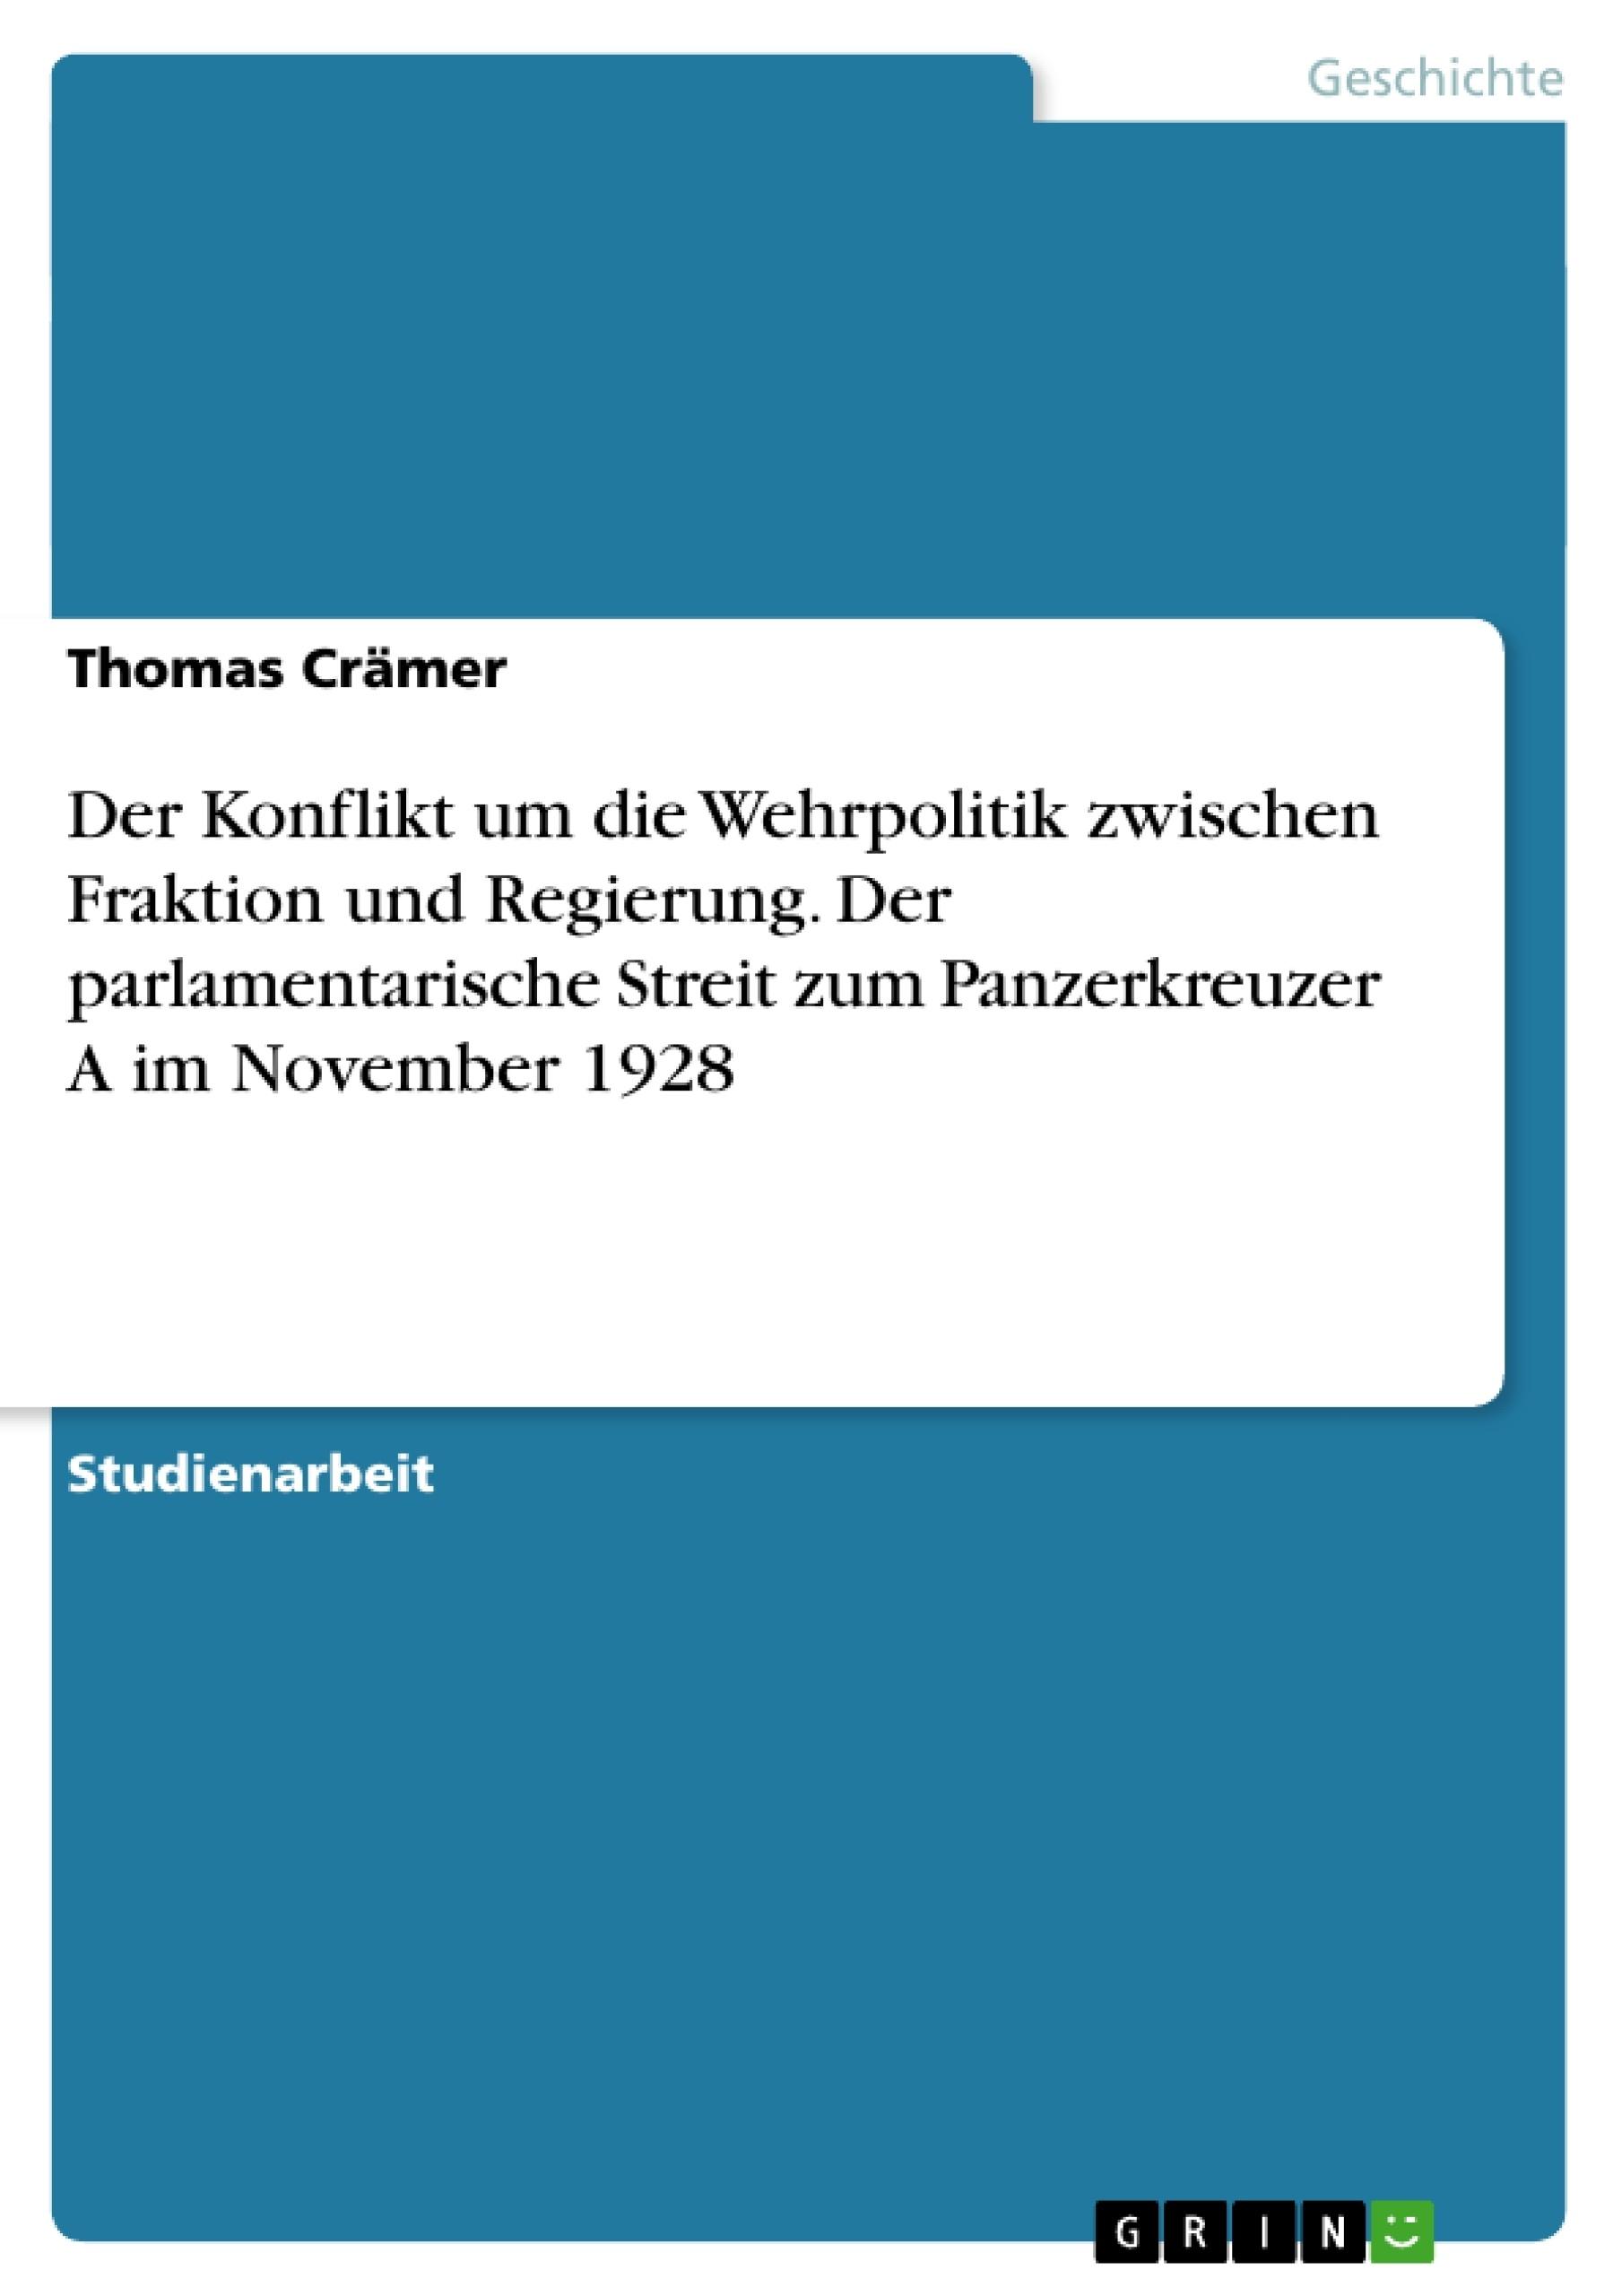 Titel: Der Konflikt um die Wehrpolitik zwischen Fraktion und Regierung. Der parlamentarische Streit zum Panzerkreuzer A im November 1928